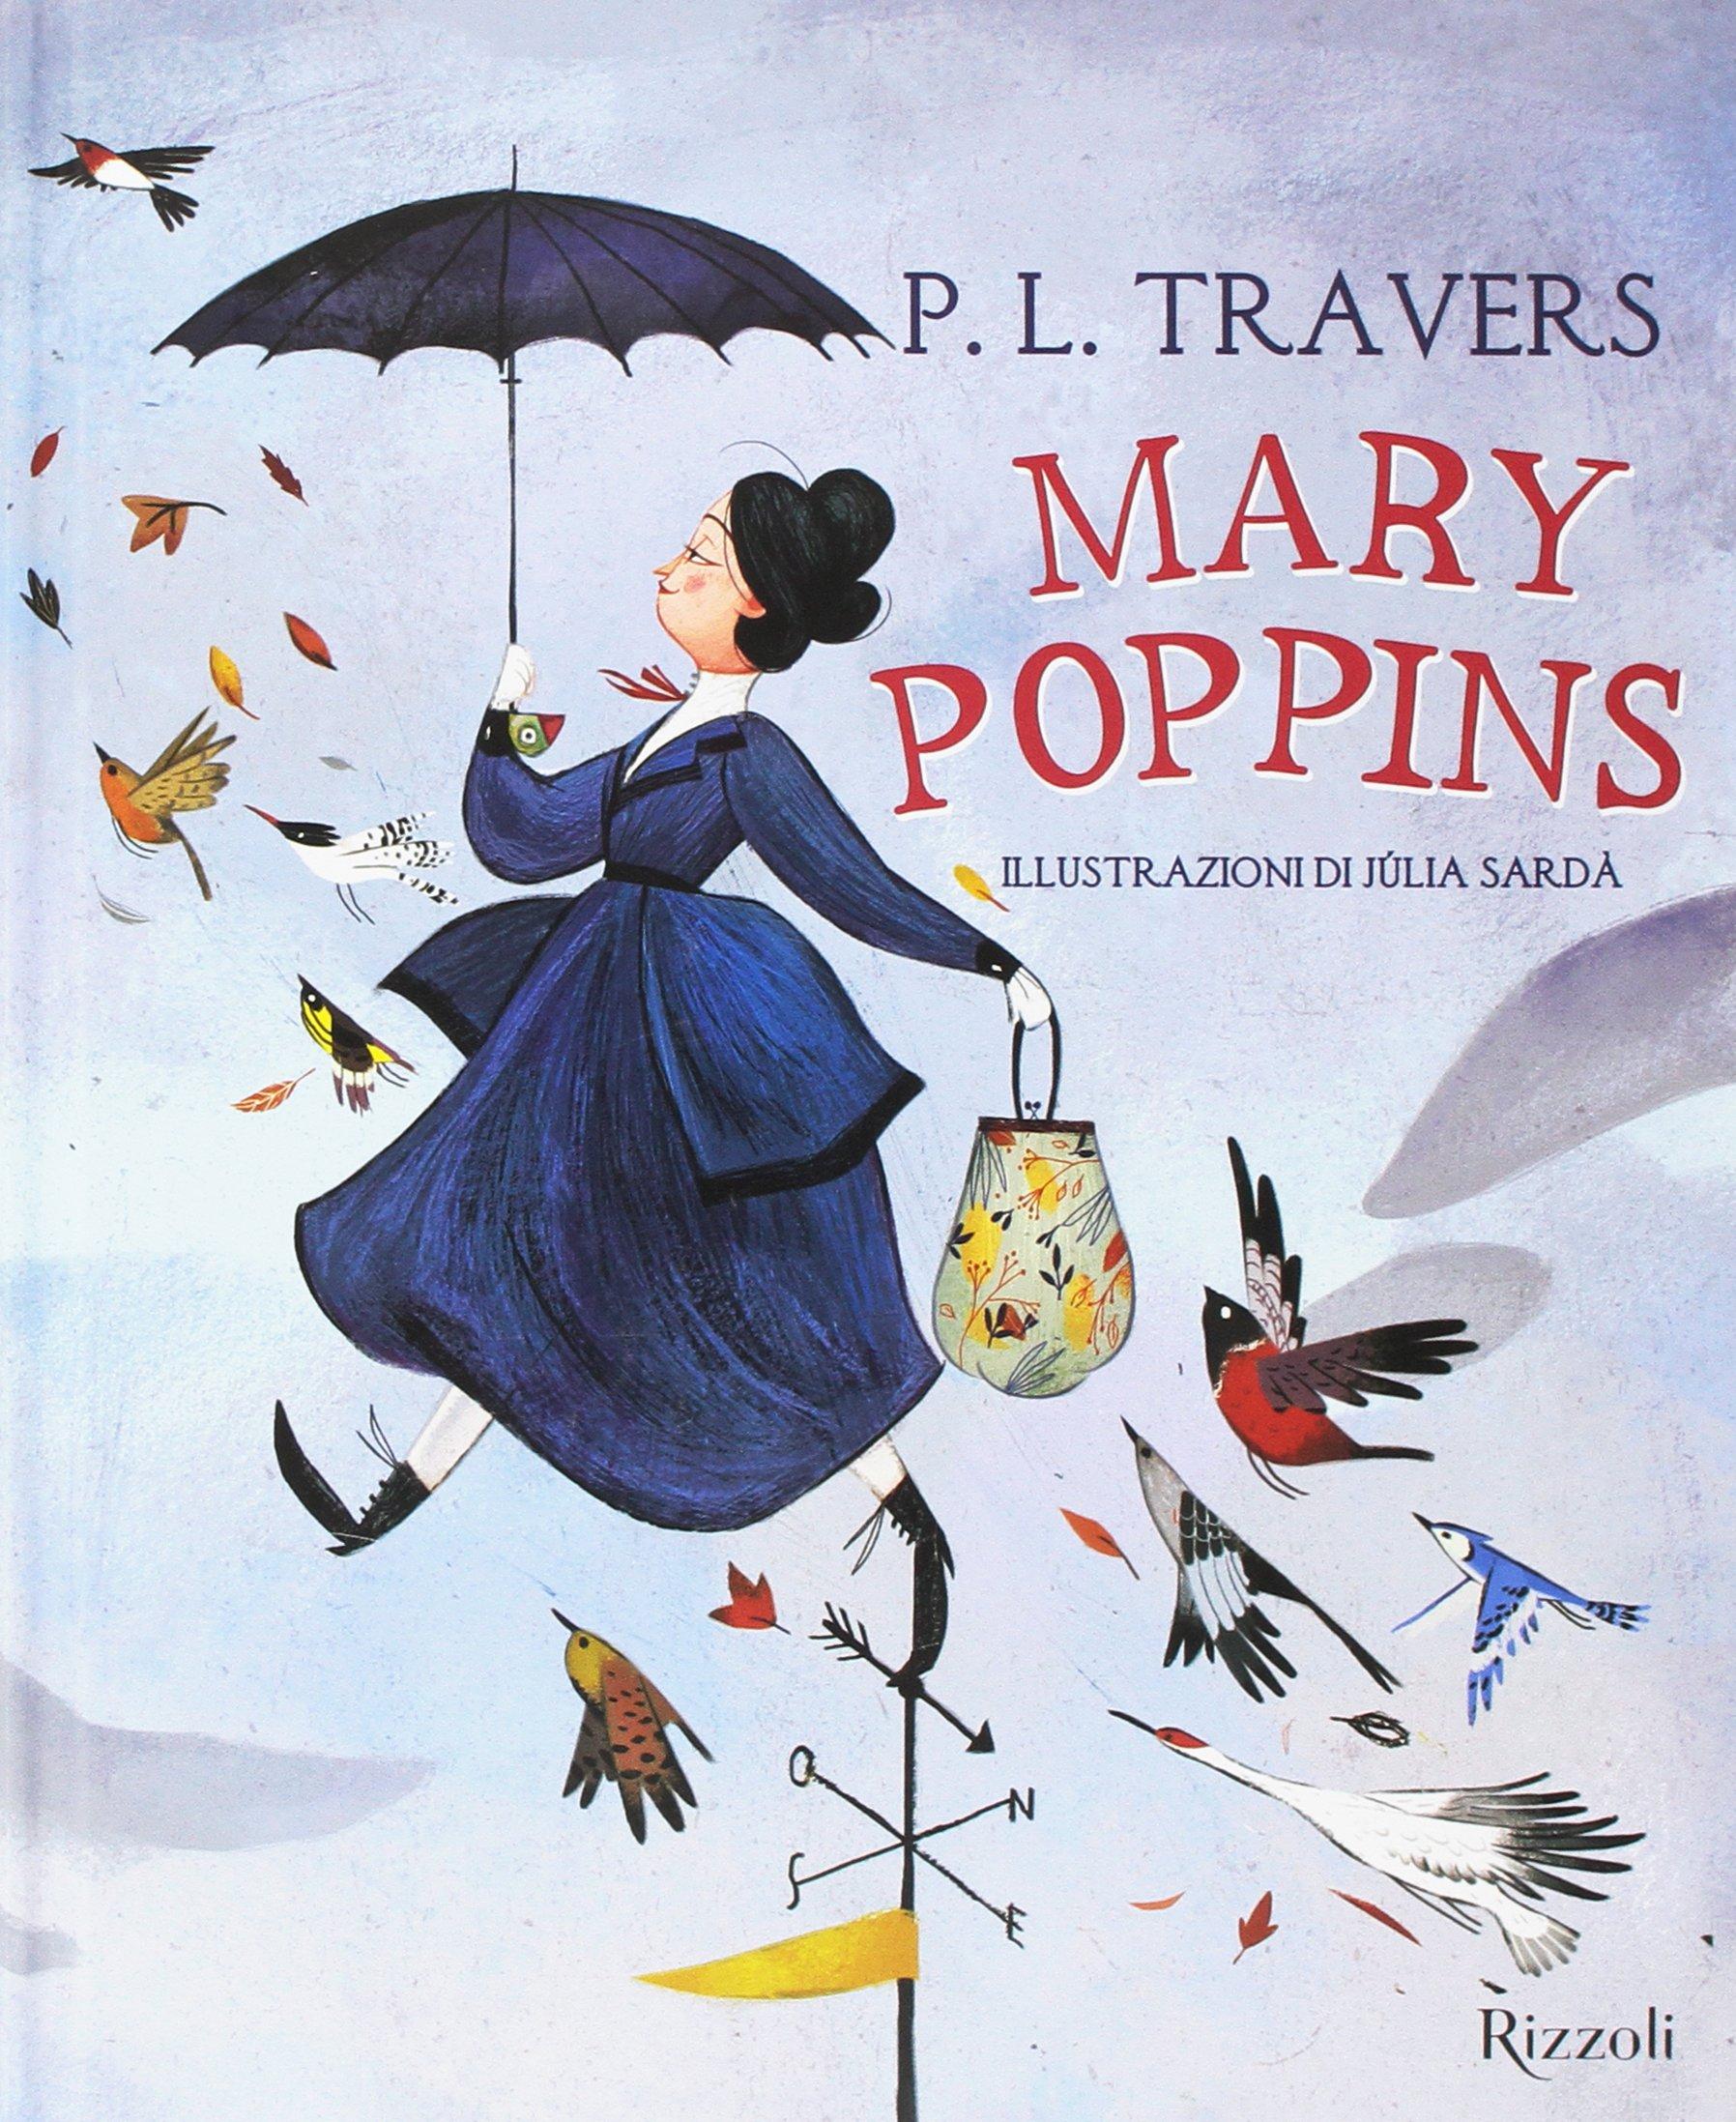 91c9372a20 Amazon.it: Mary Poppins - P. L. Travers, J. Sardà, L. Bompiani - Libri